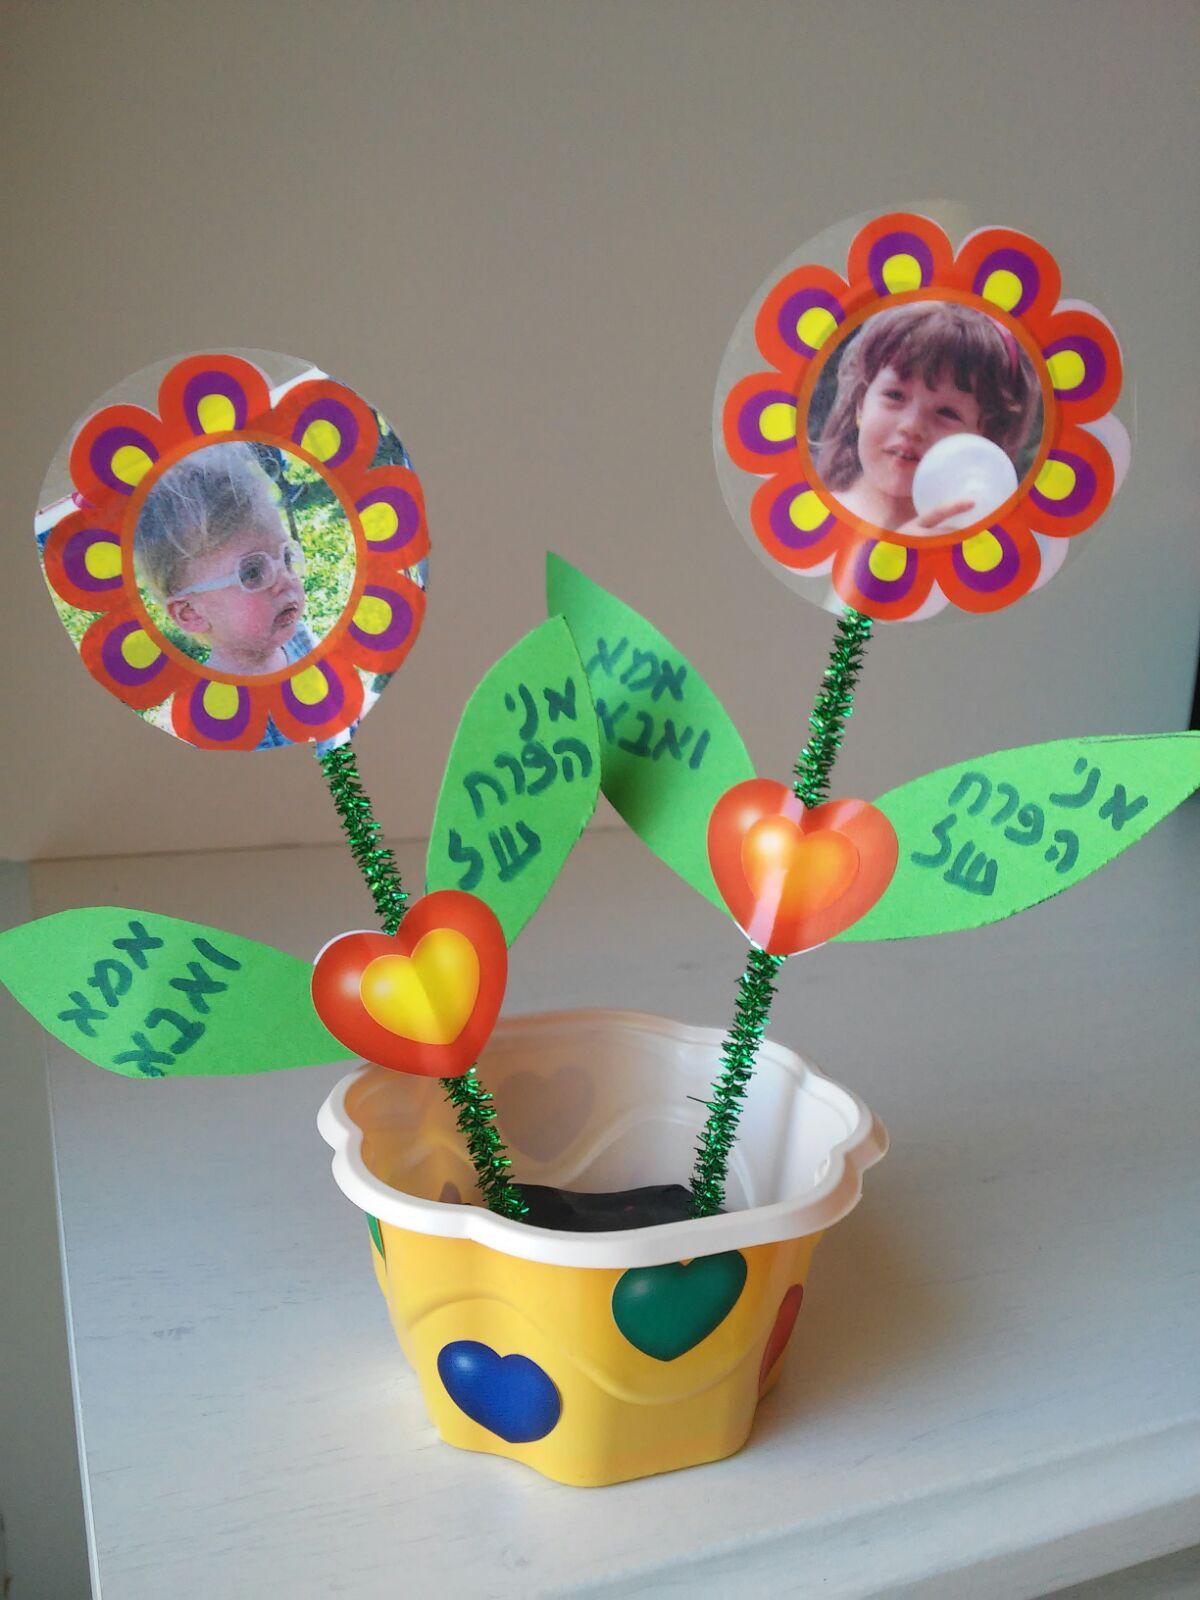 הפרח שלי בתמונה